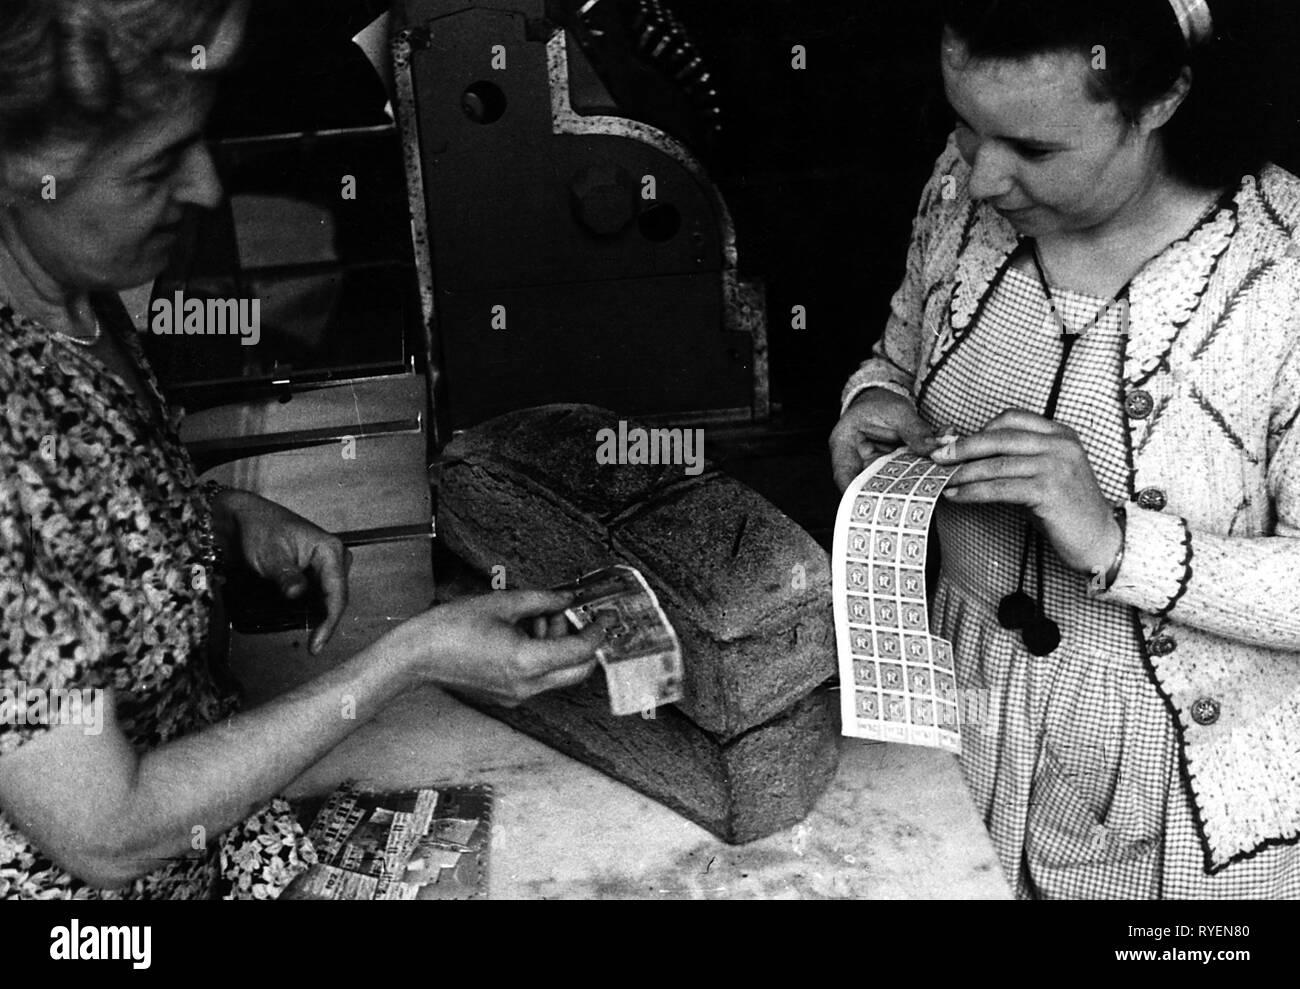 Dopoguerra, Germania, la povertà, la miseria e la mancanza di soldi, il cliente pagare con timbri, Amburgo, 2.7.1947, Additional-Rights-Clearance-Info-Not-Available Immagini Stock